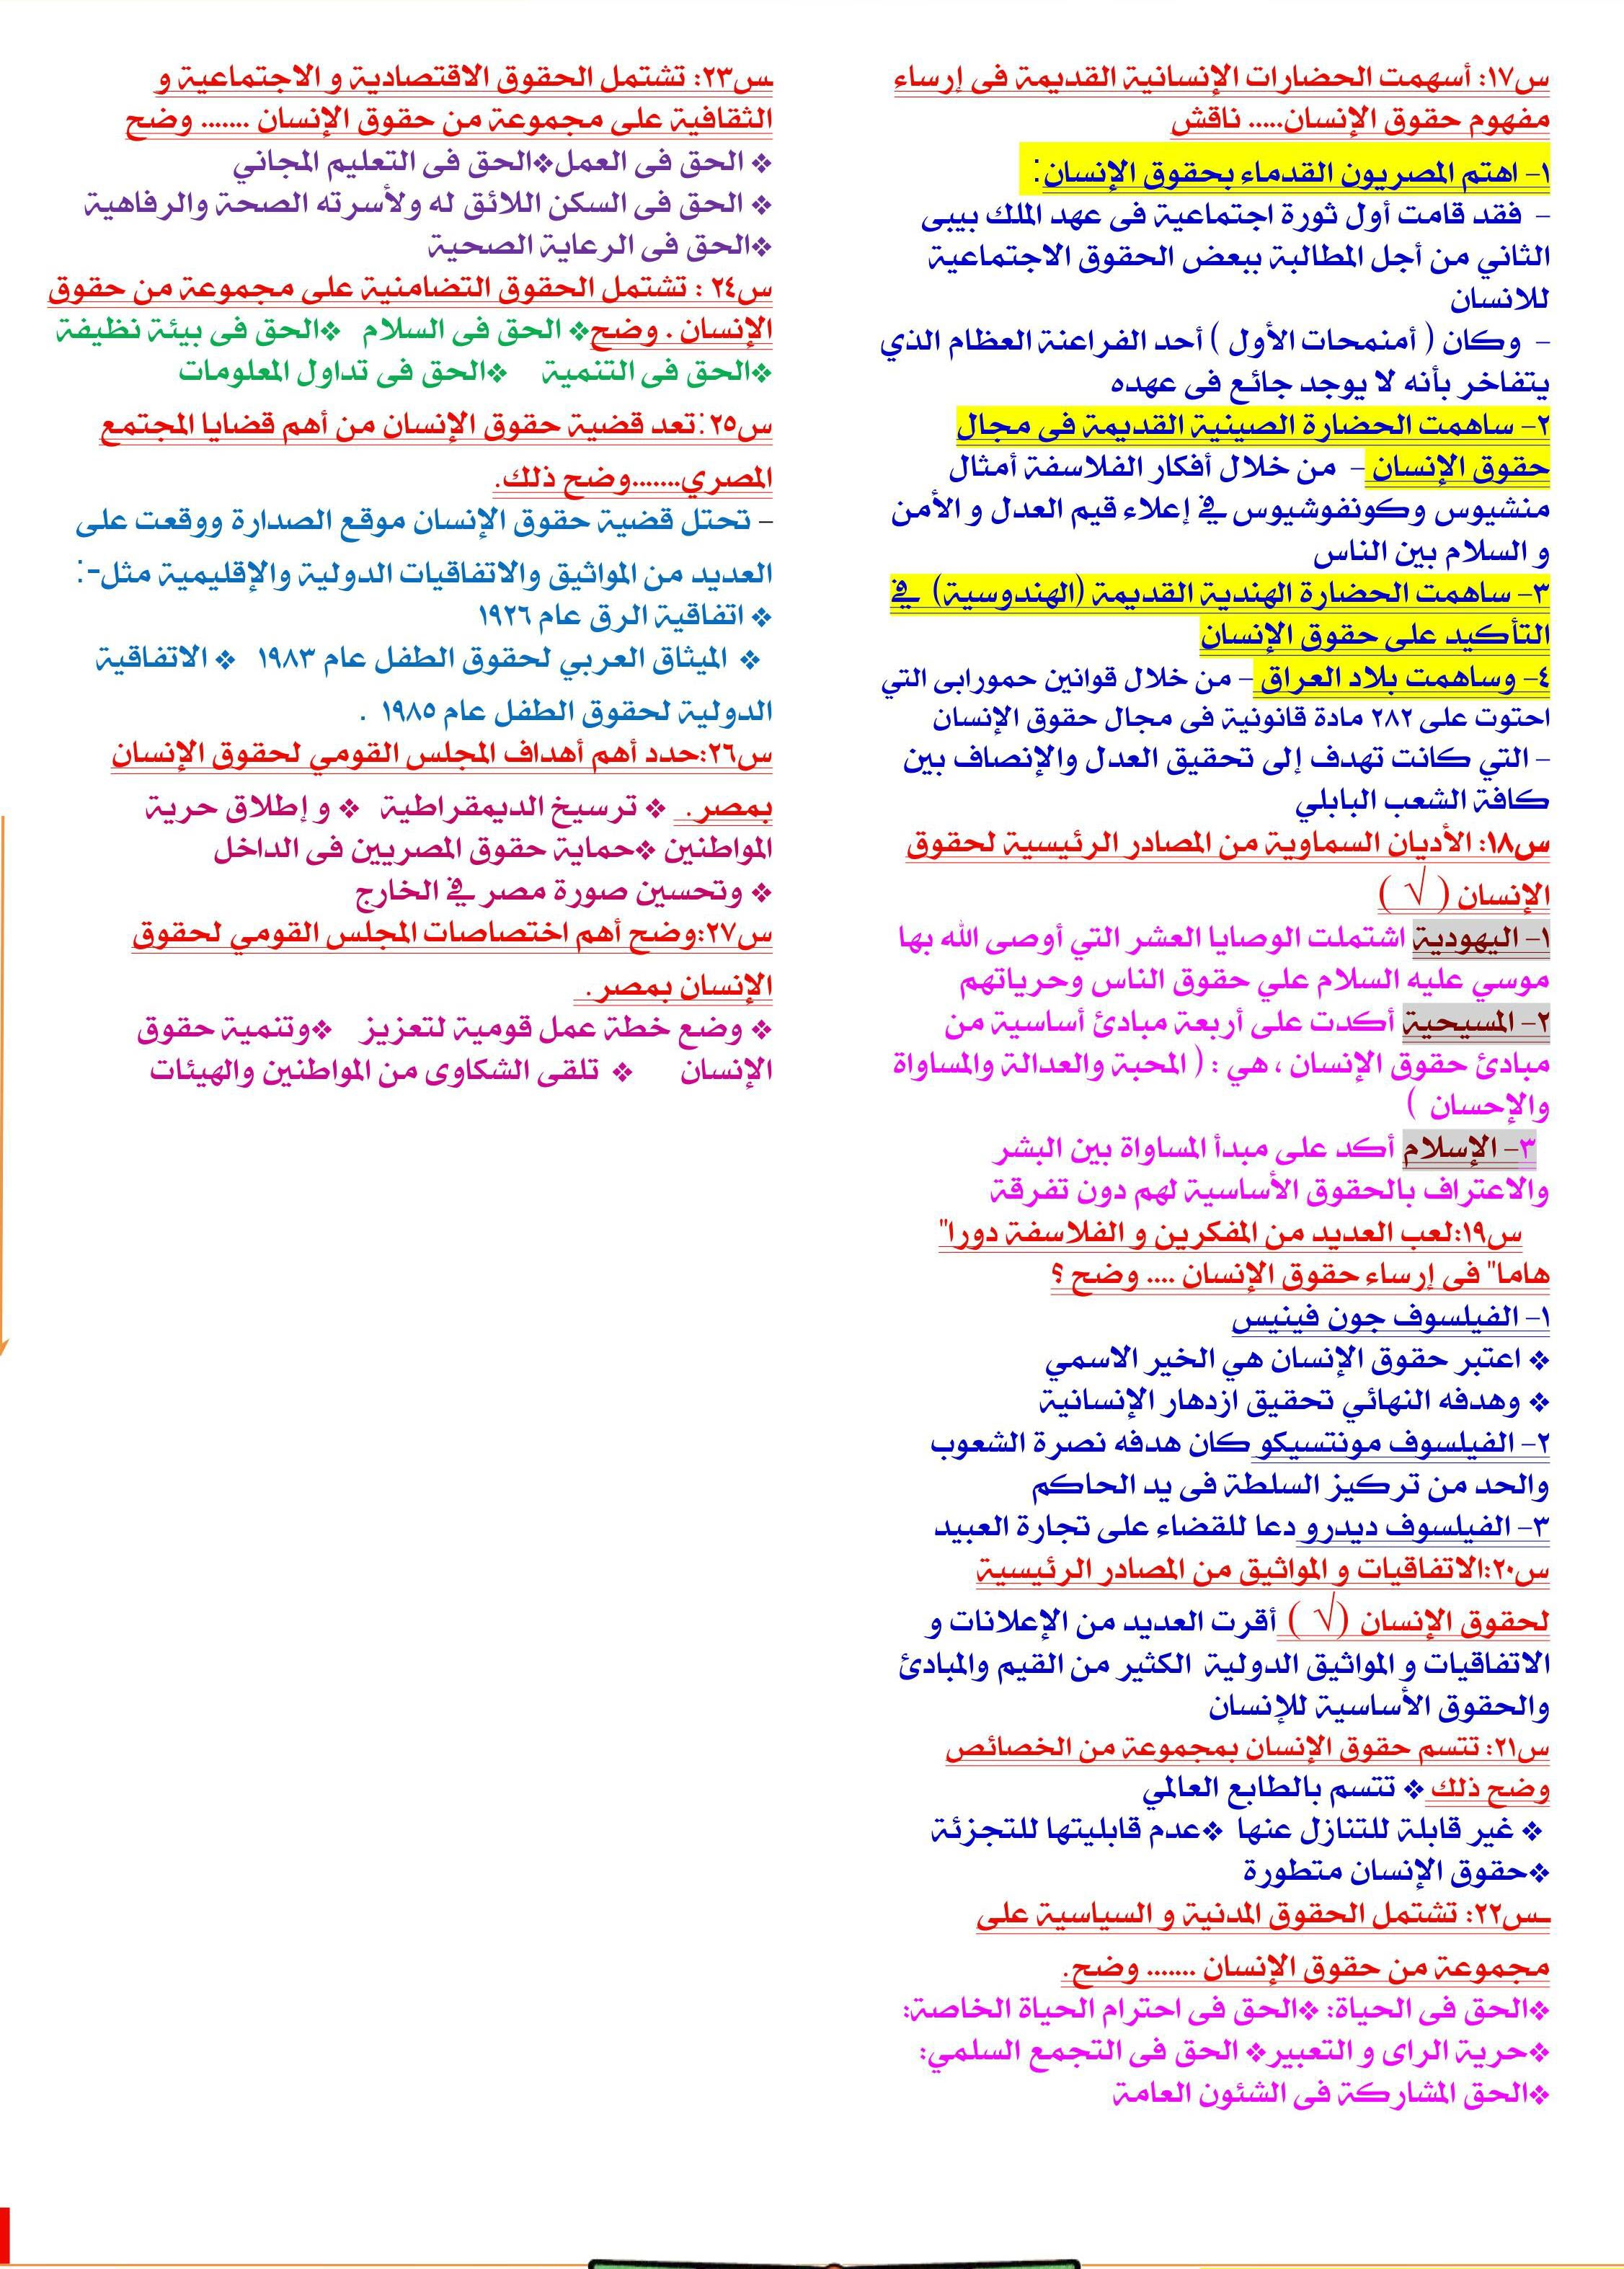 مراجعة تربية وطنية مواطنه وحقوق انسان تانية ثانوى (2)